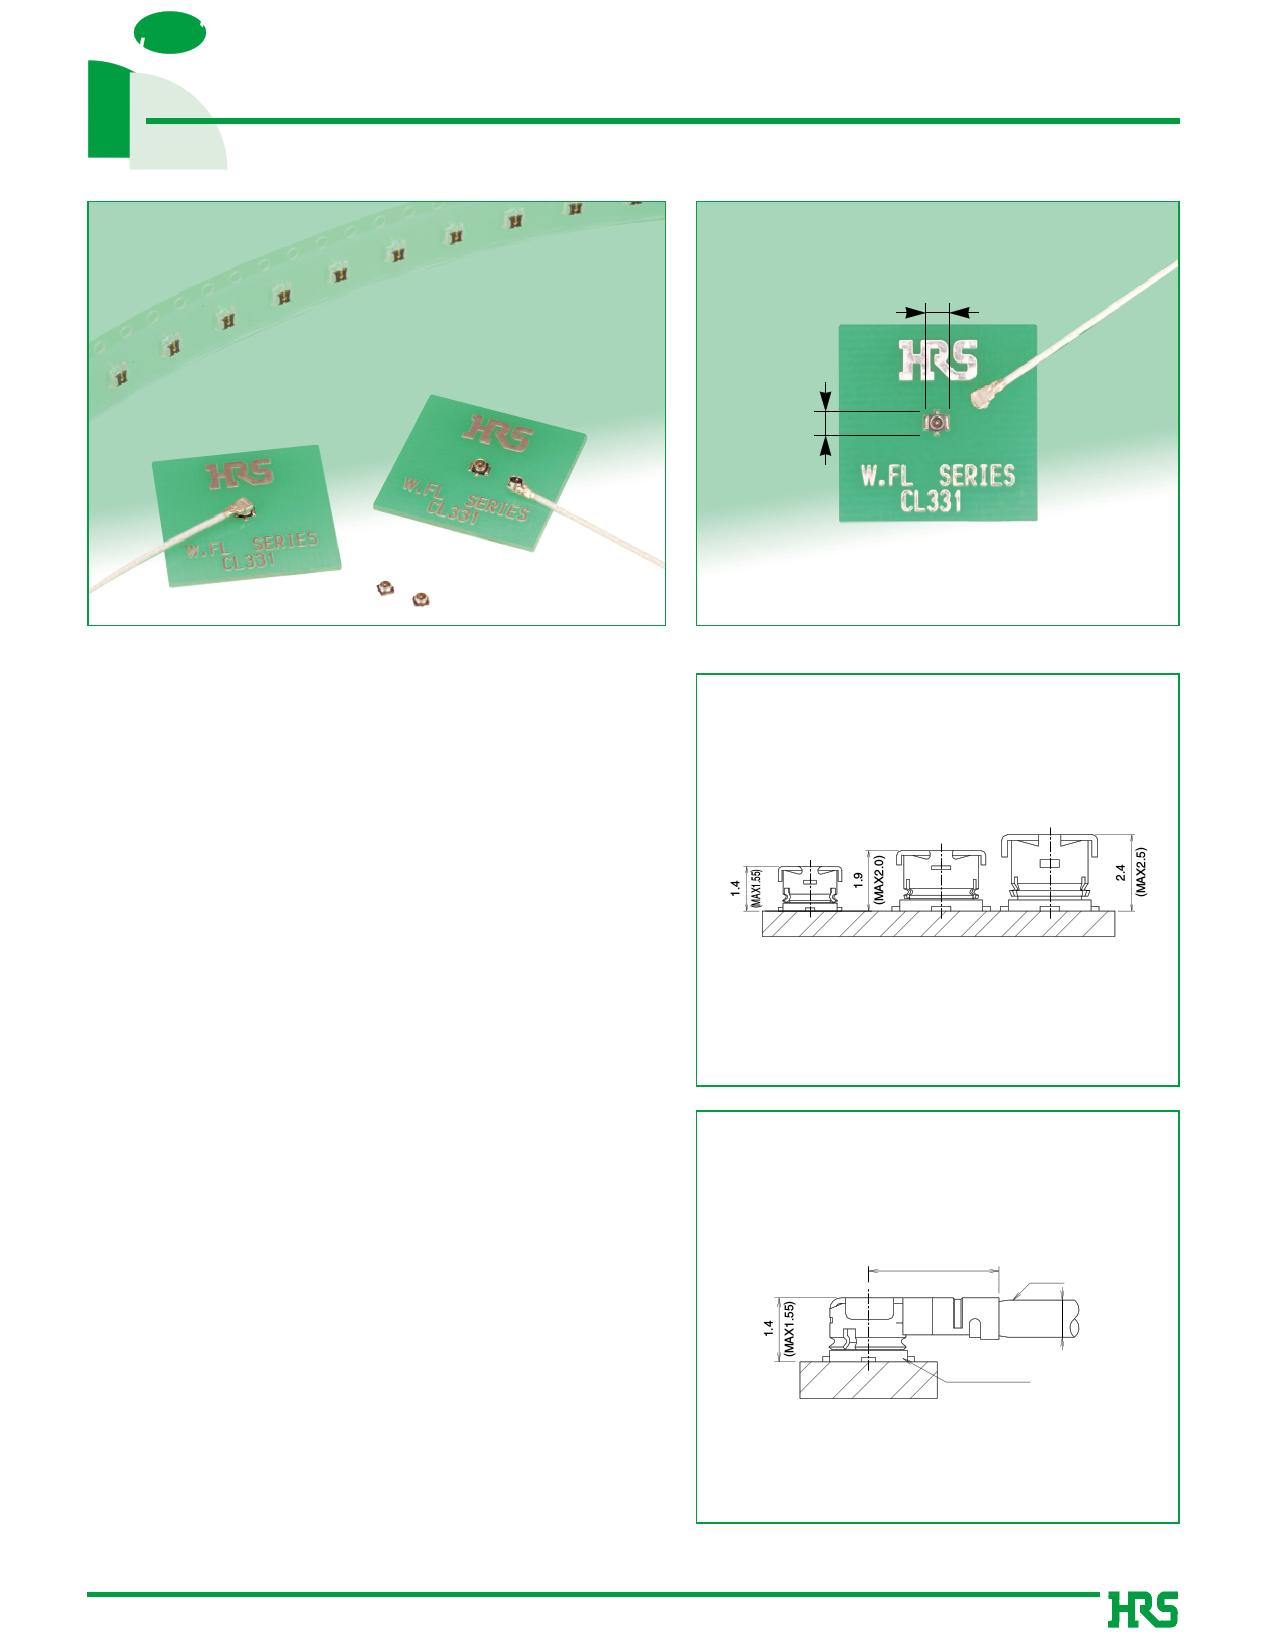 W.FL-R-SMT-1(10) Hoja de datos, Descripción, Manual